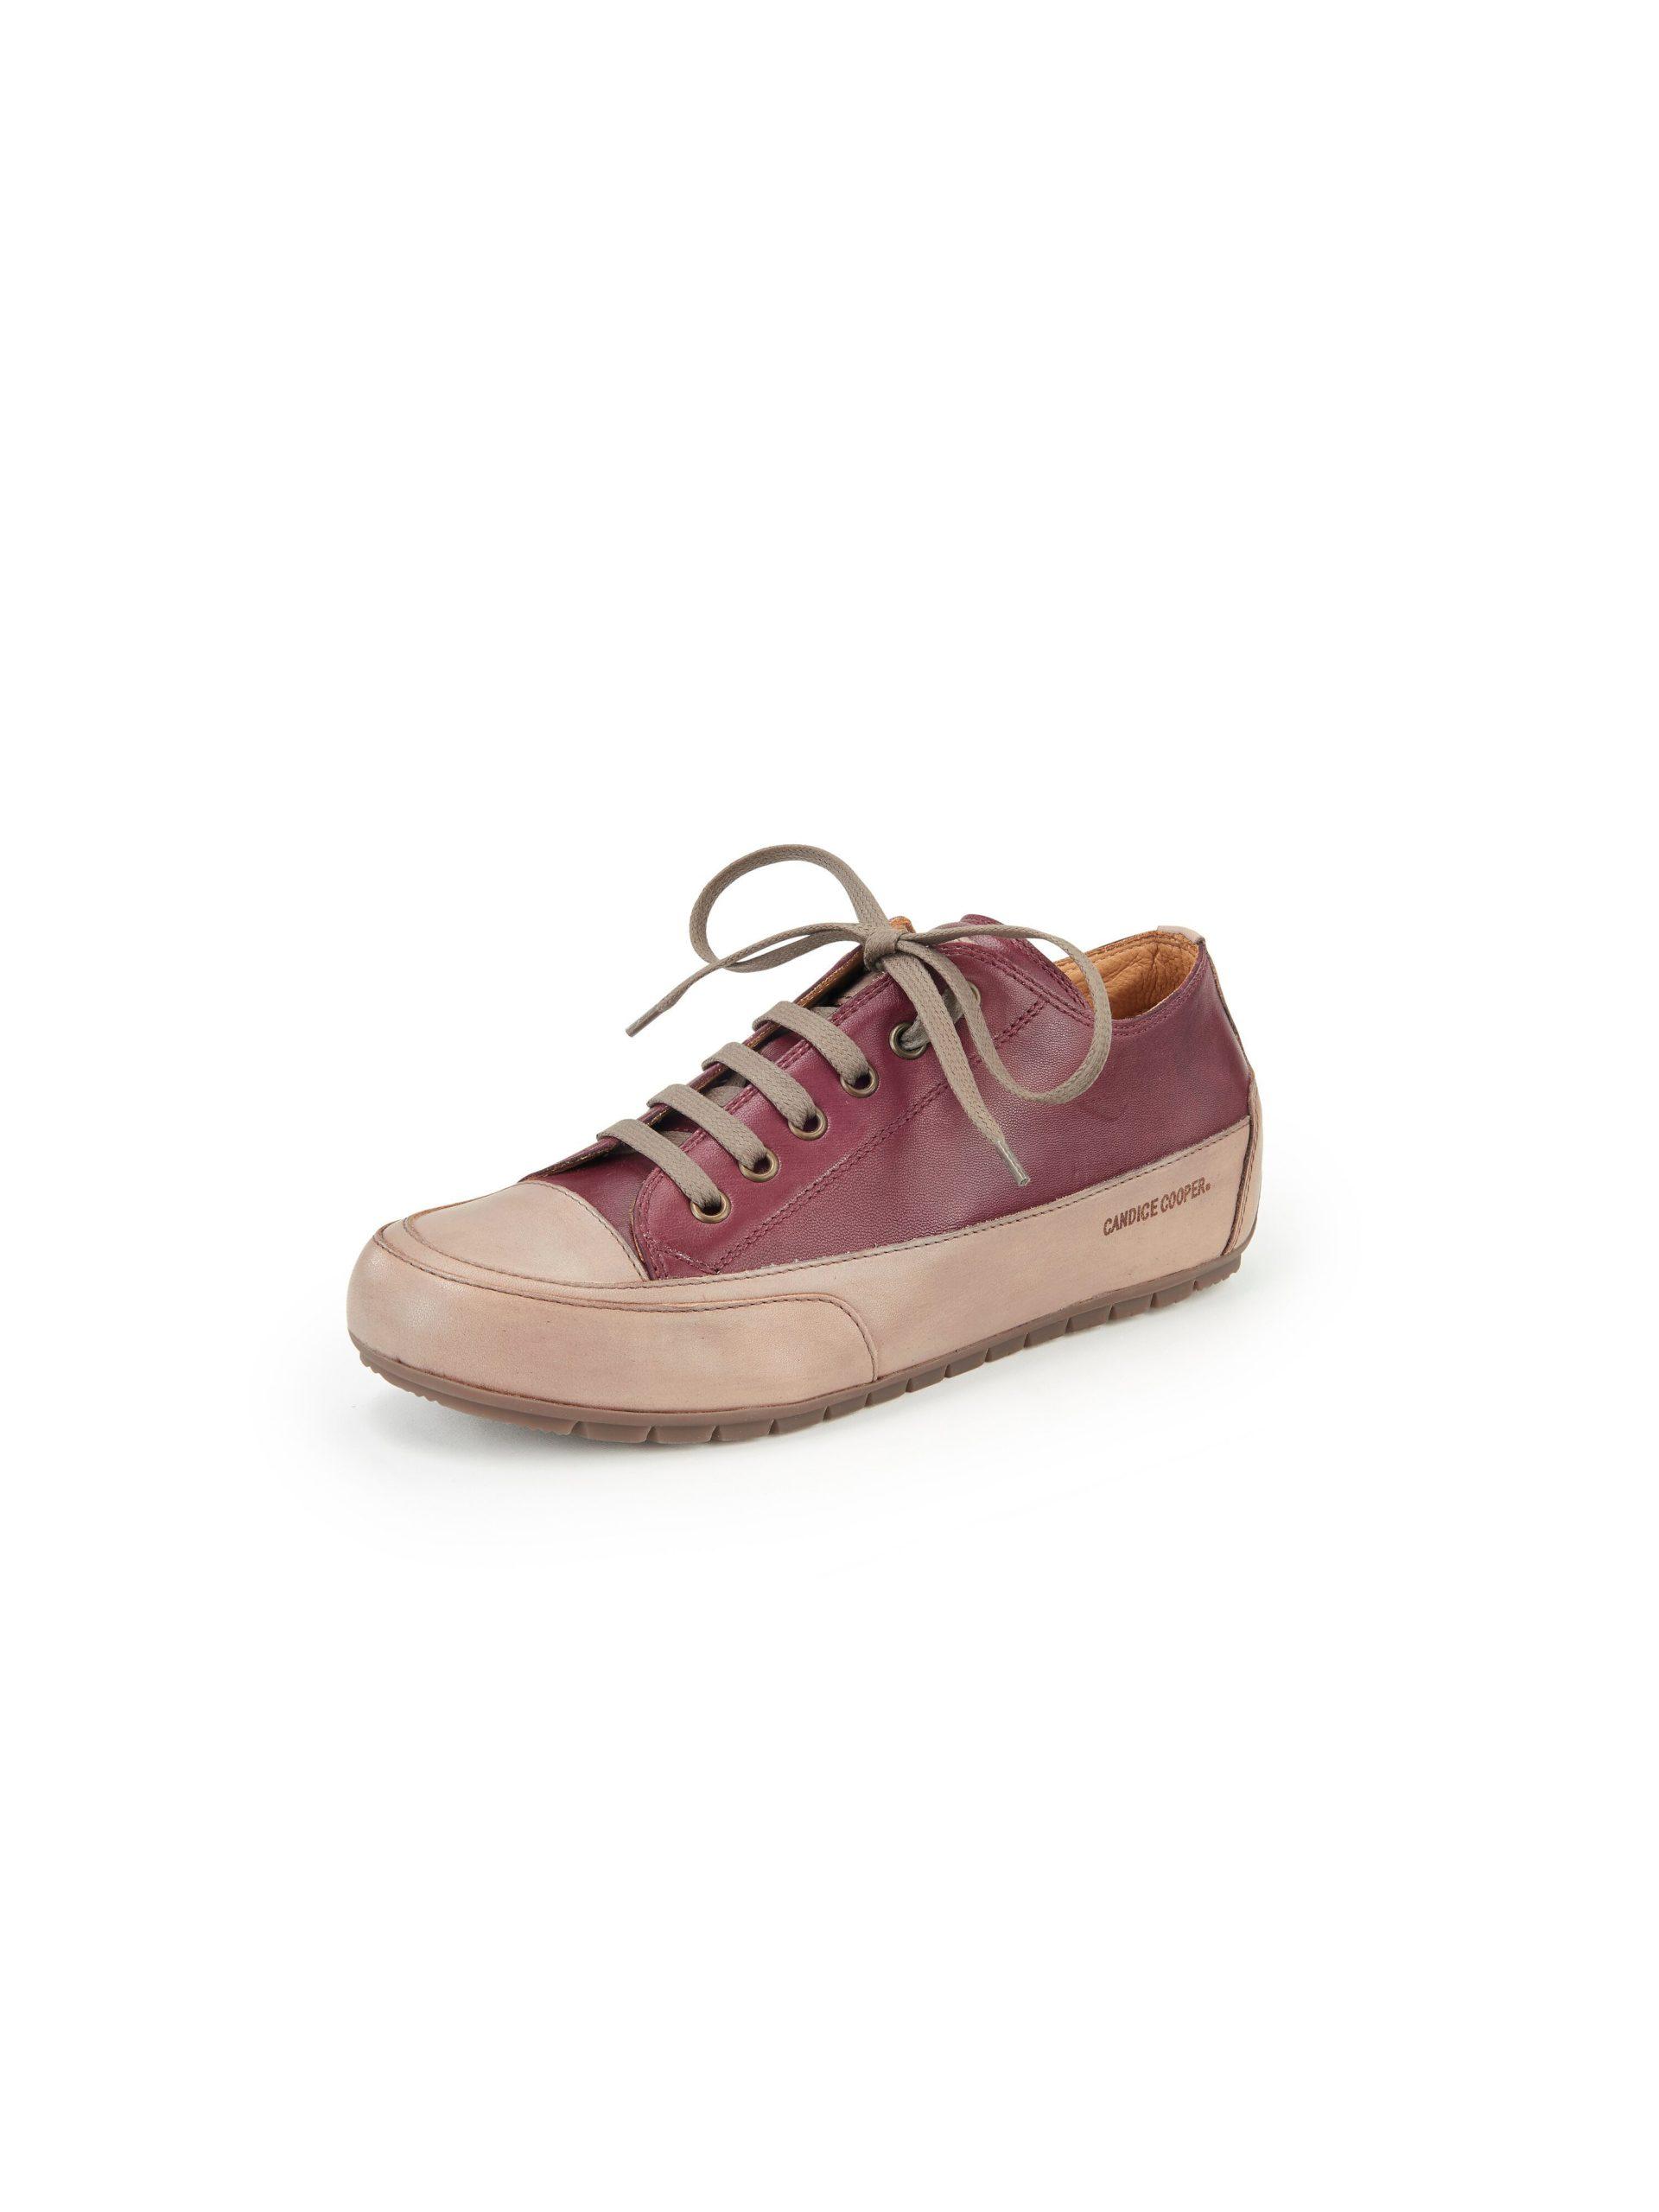 Sneakers Van Candice Cooper rood Kopen